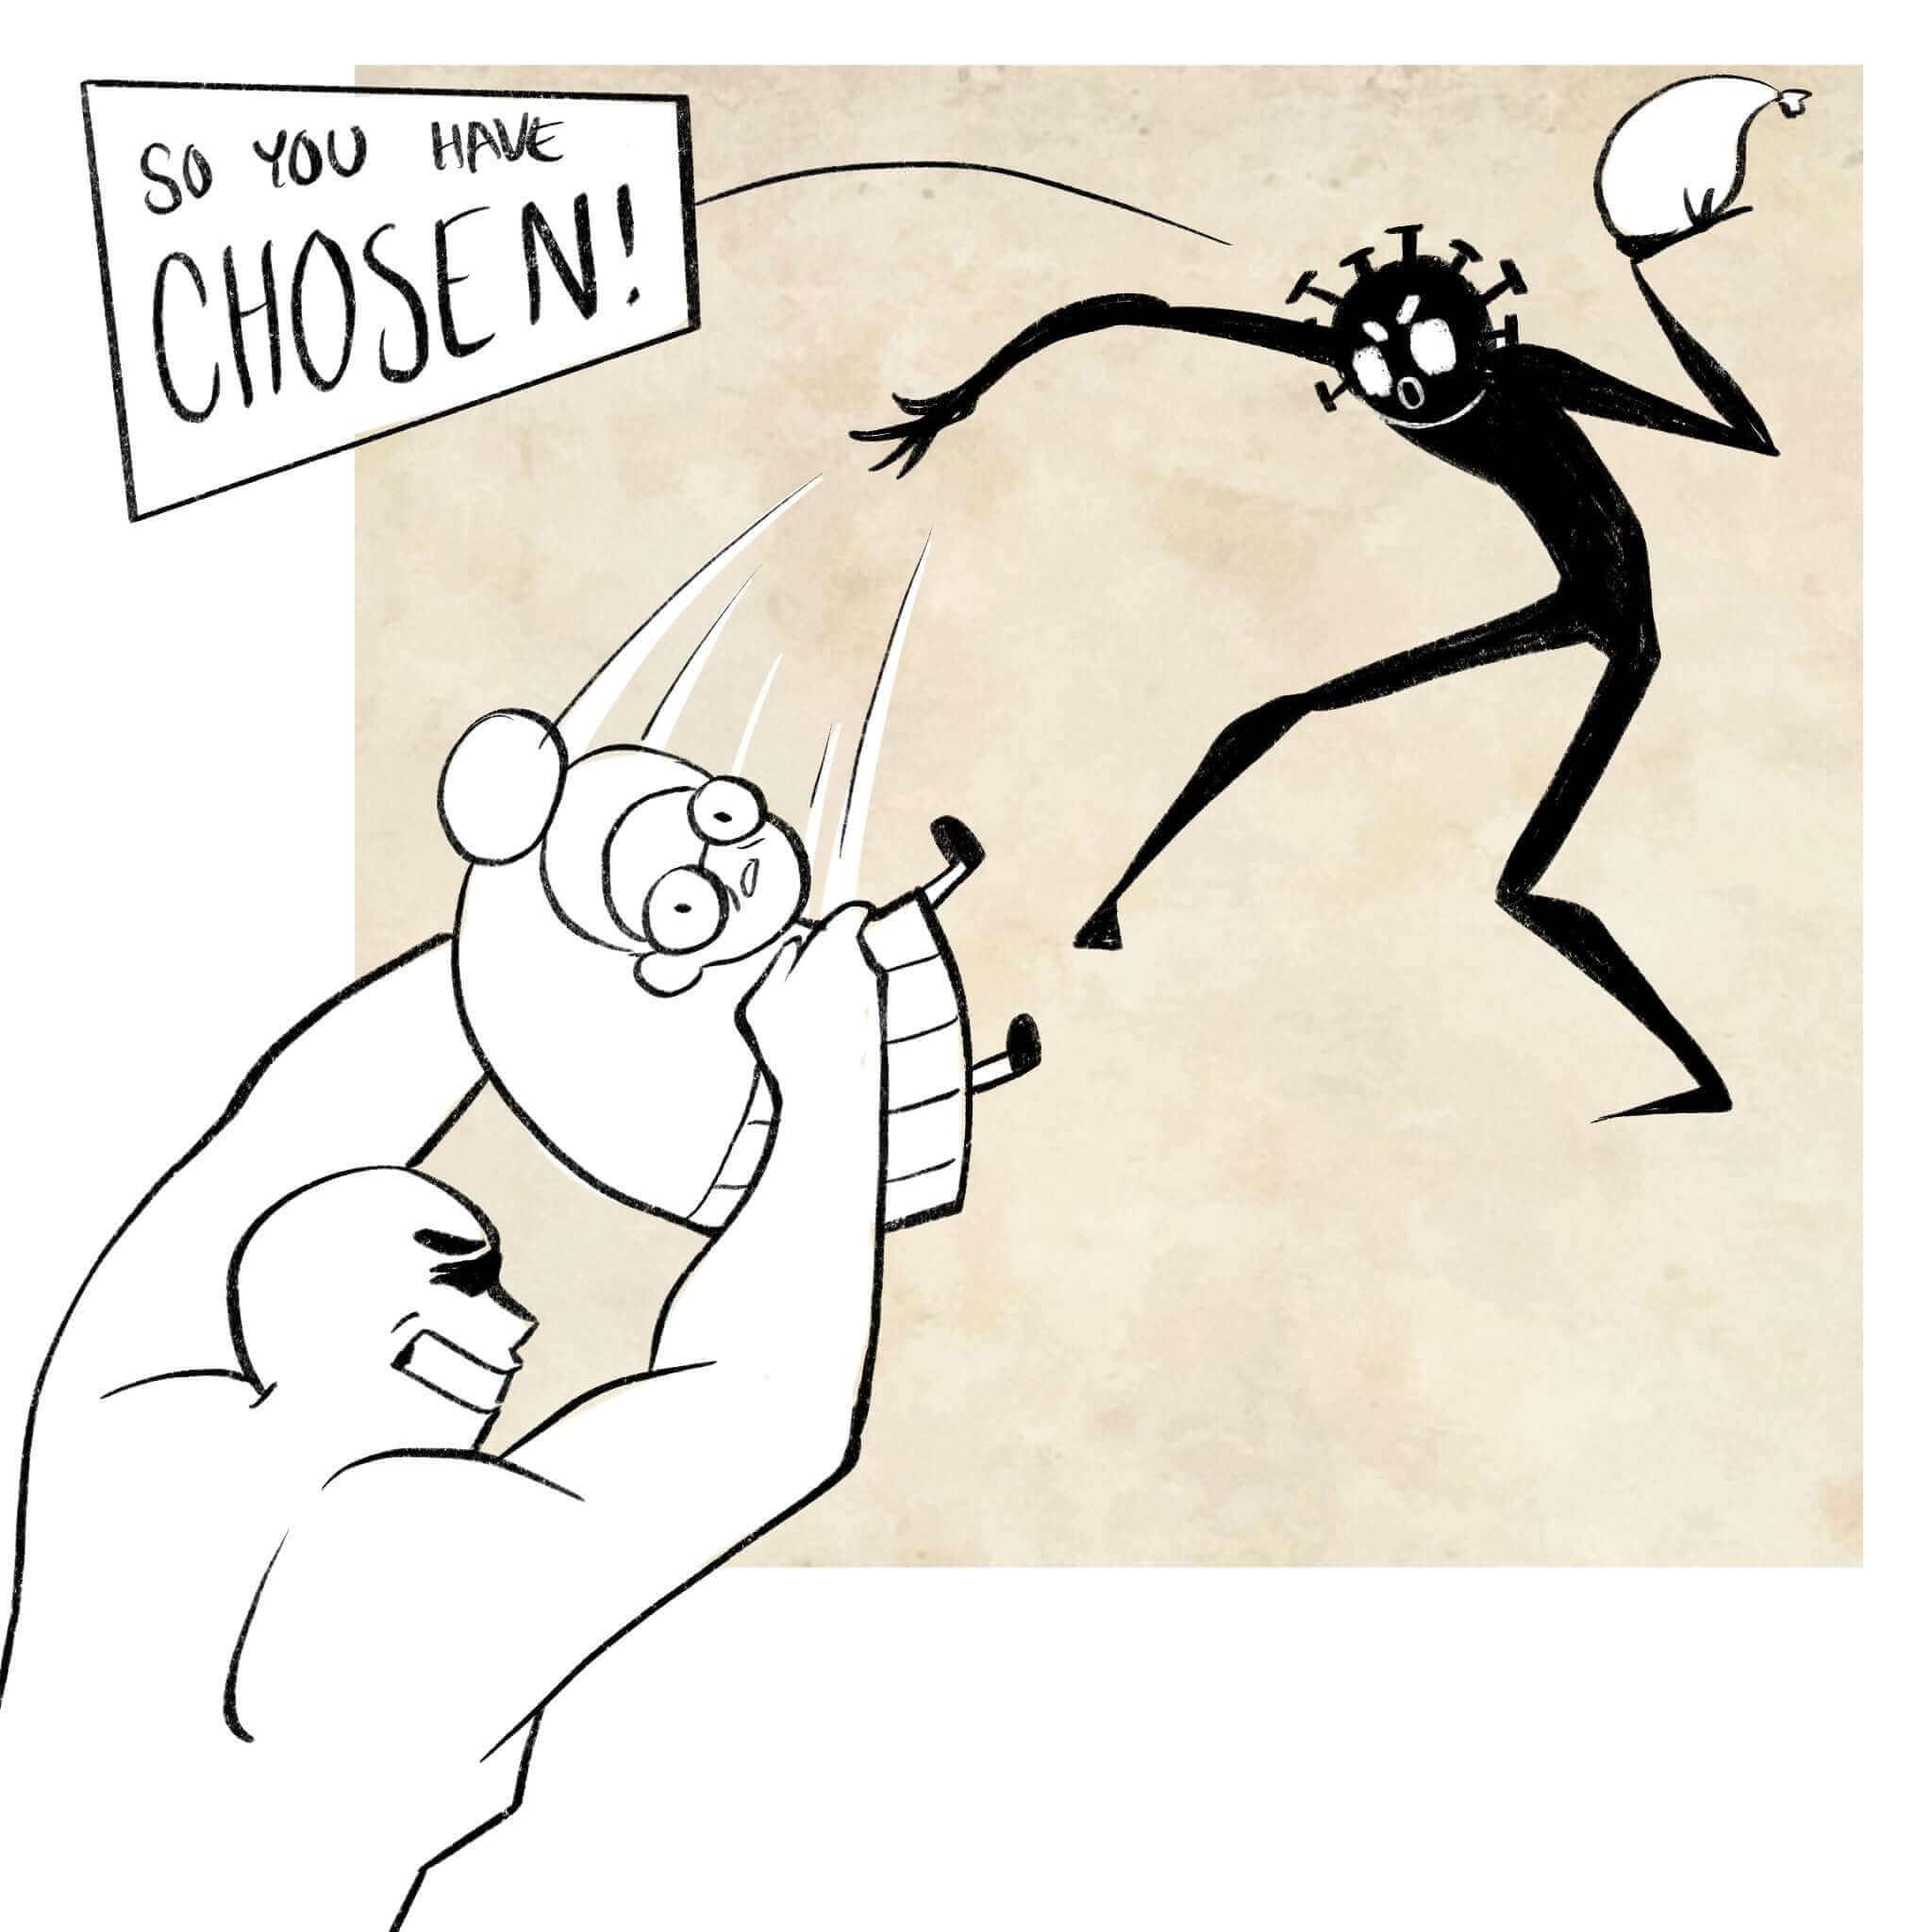 So you have chosen!